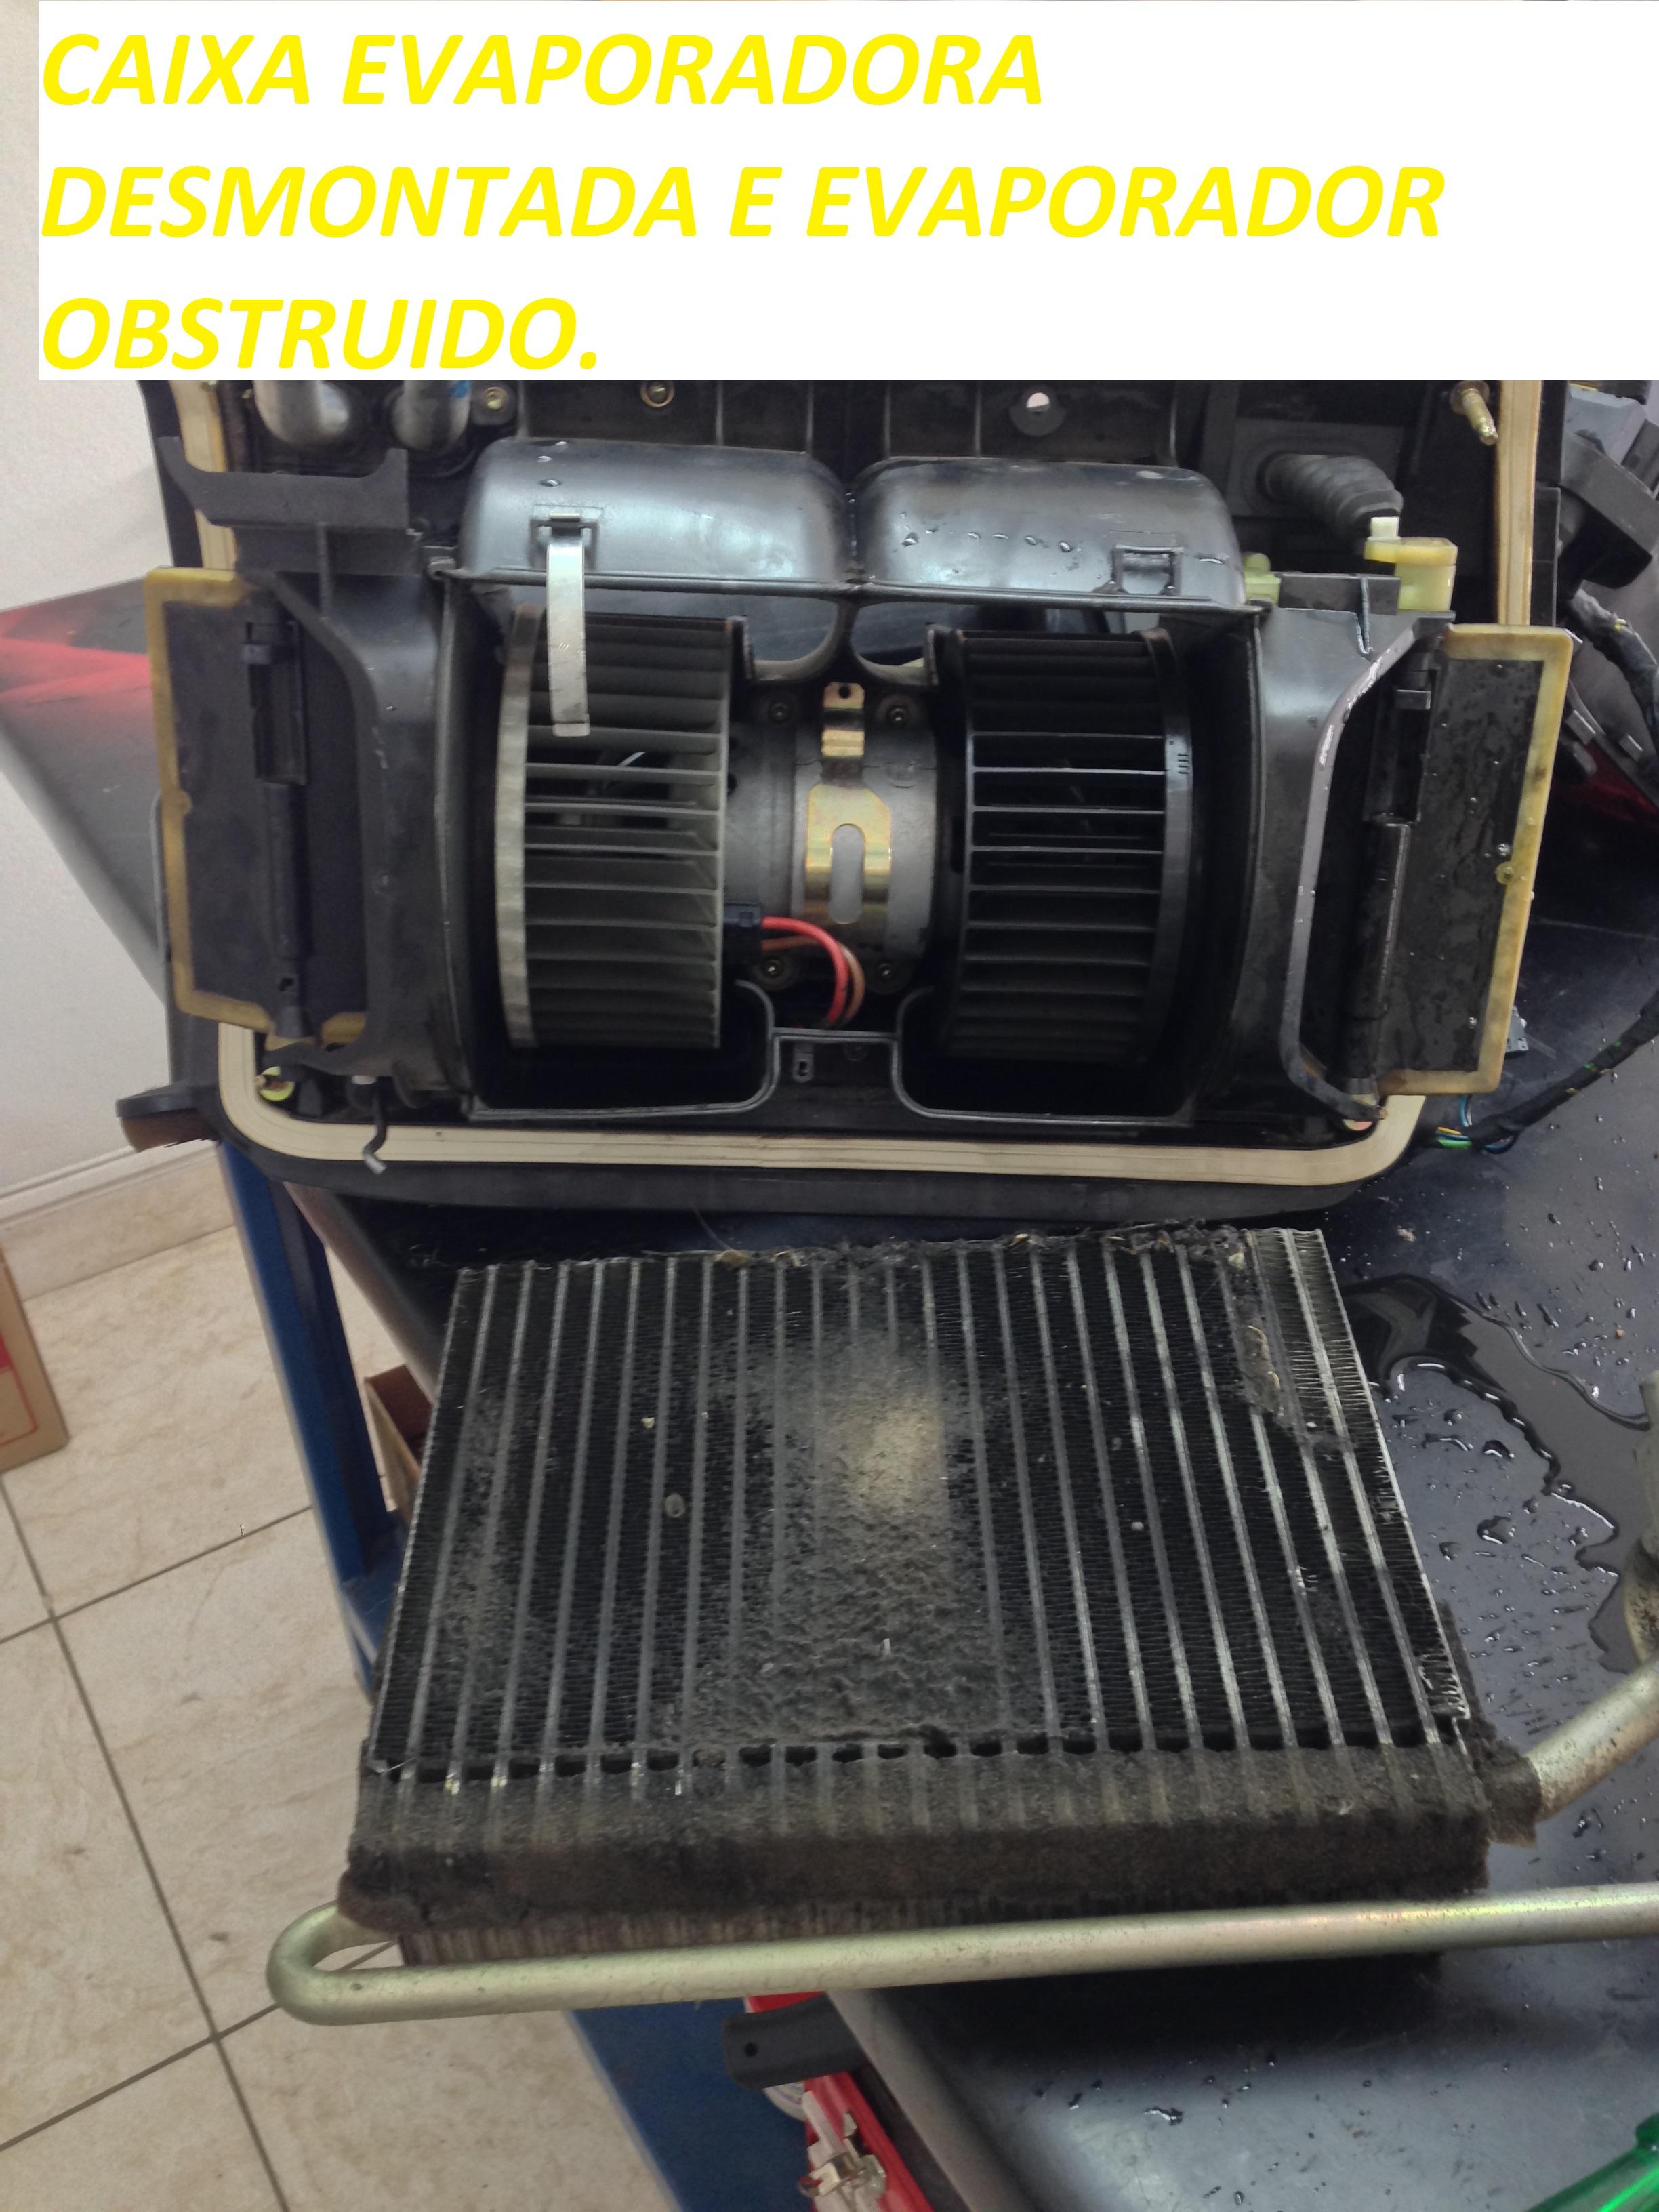 Evaporador limpo